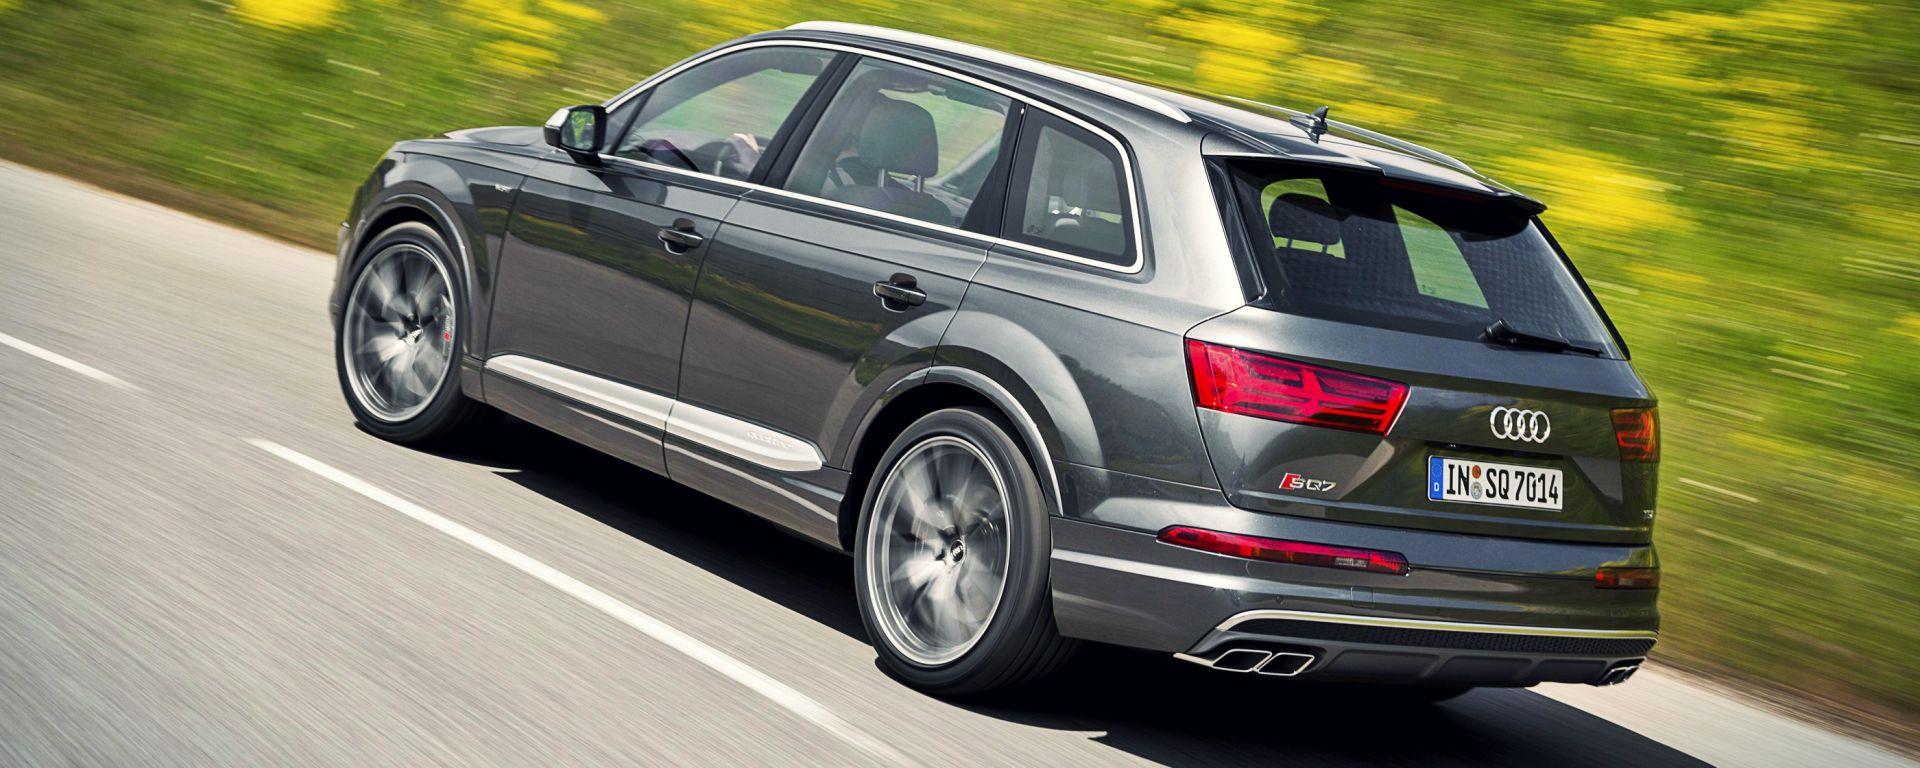 Audi SQ7 TDI: prova video della Suv con compressore elettrico